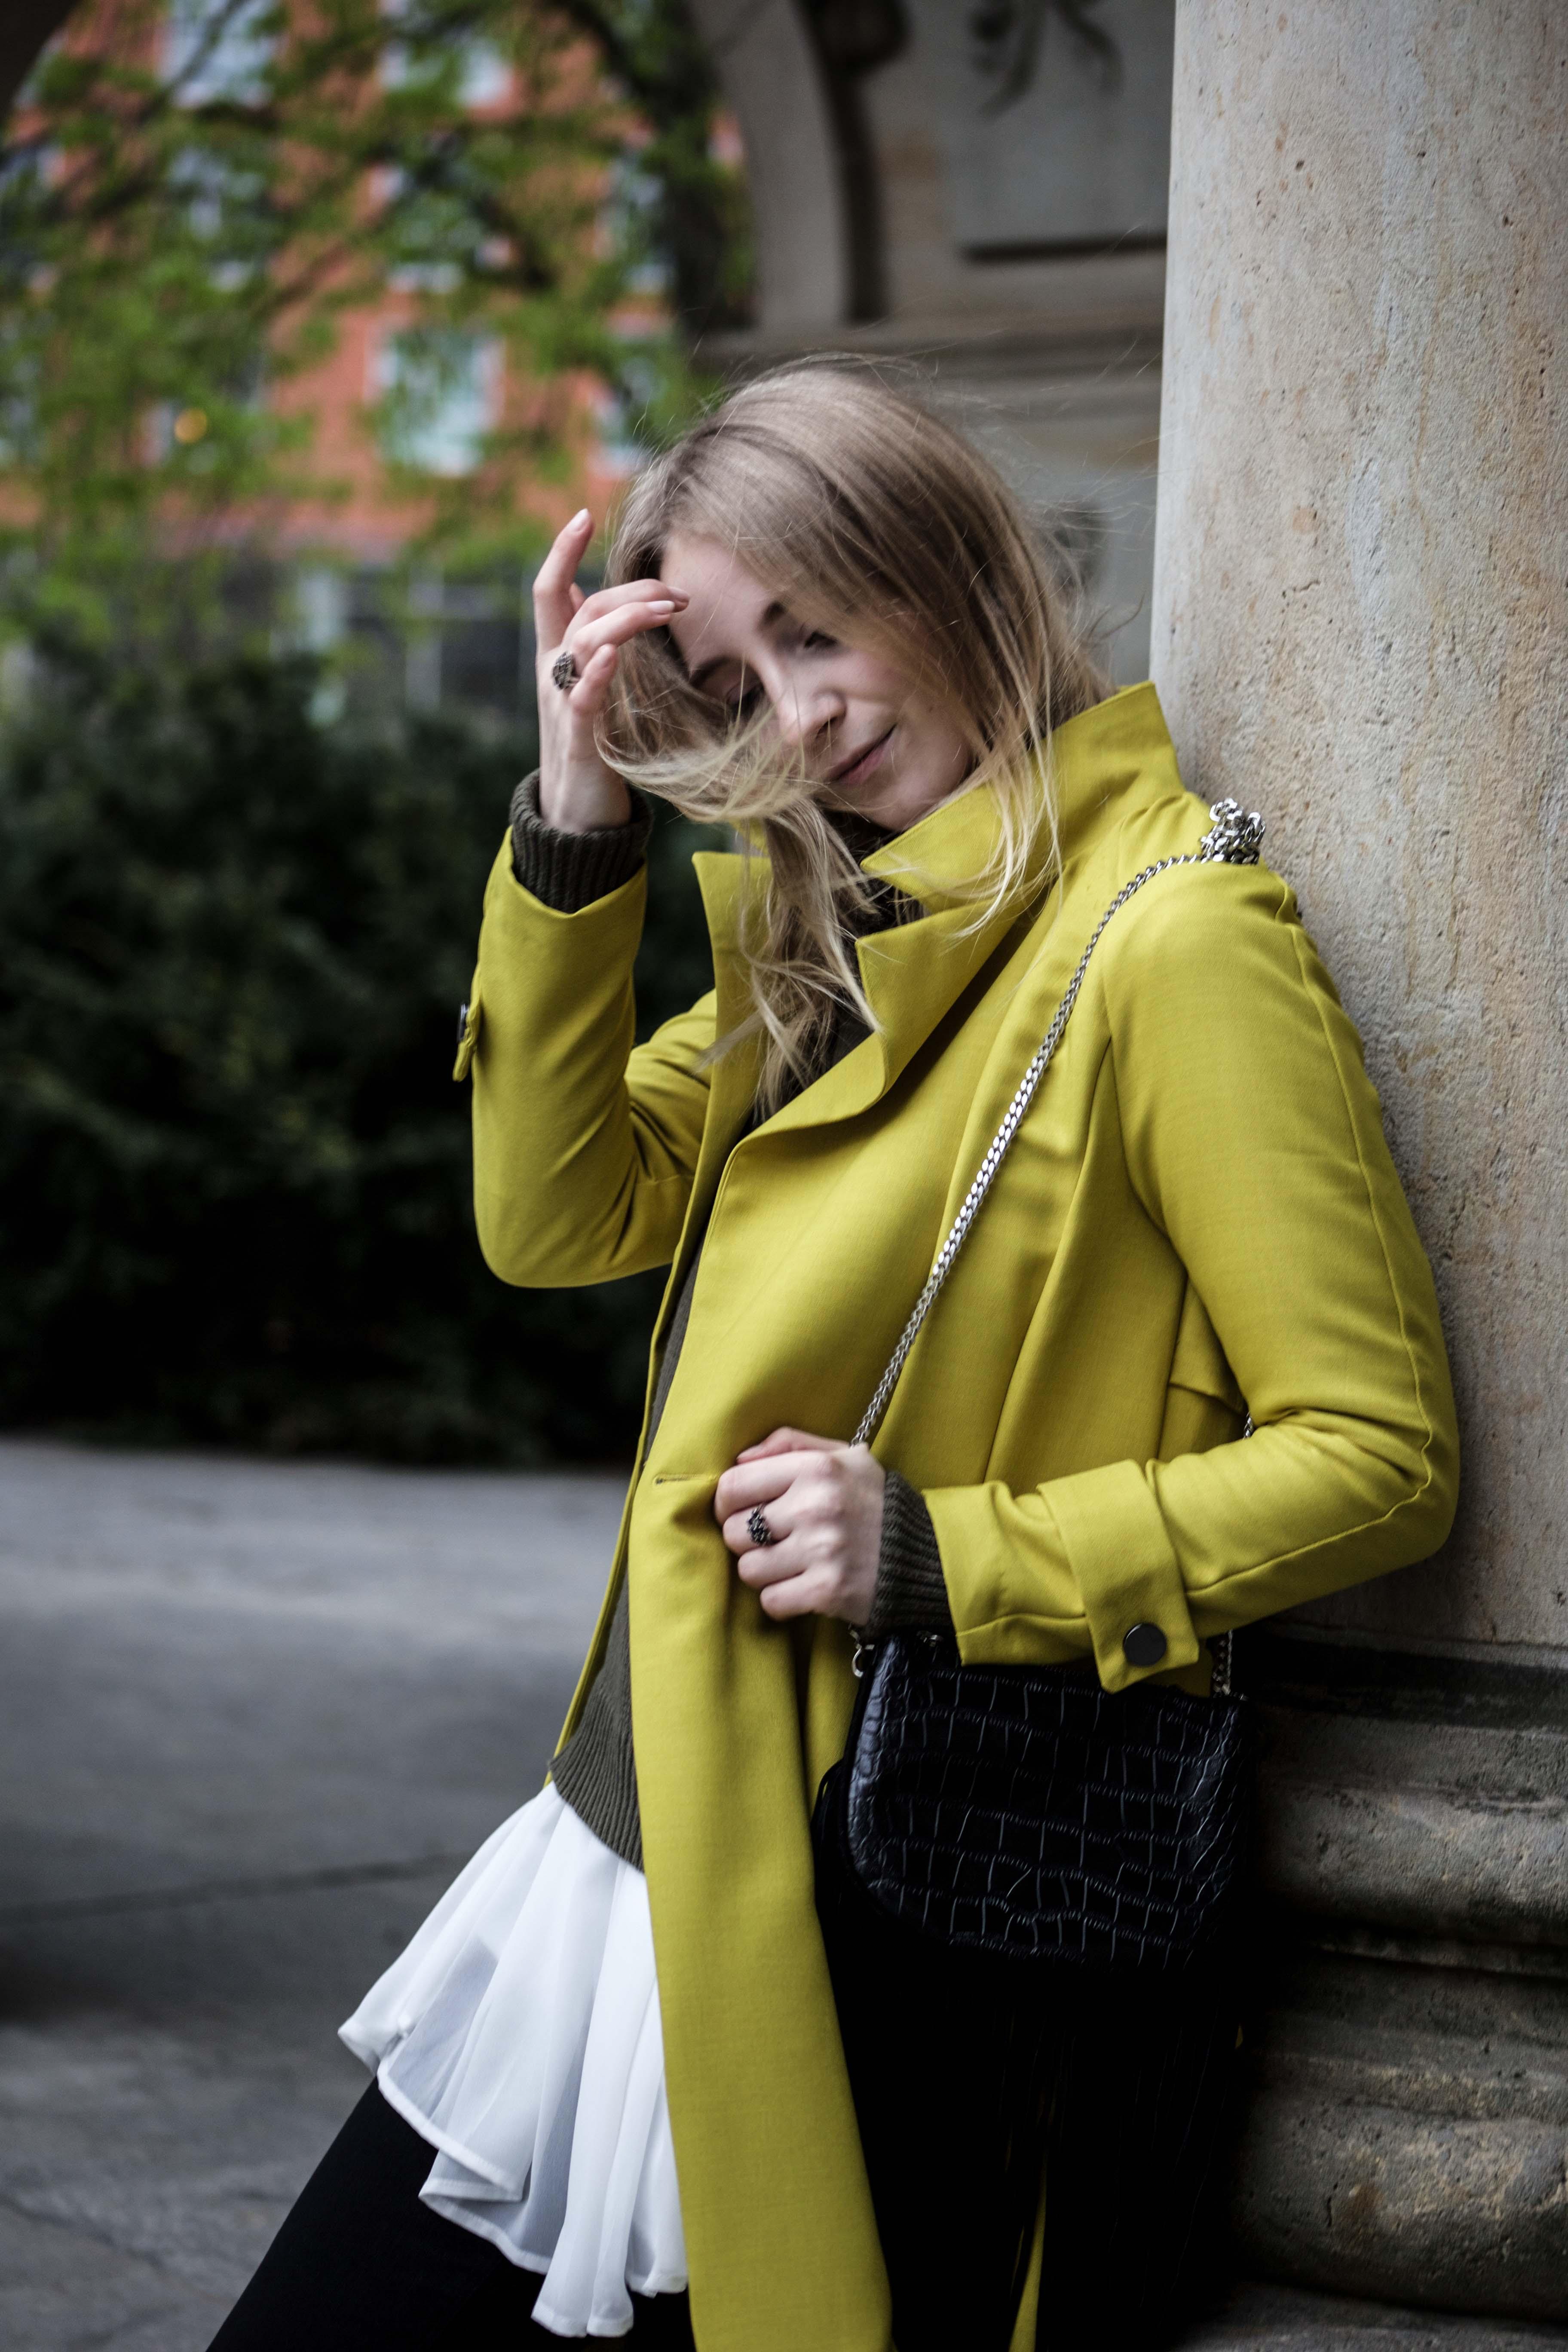 gelber-trenchcoat-frühling-outfit-sommer-fashionblog-modeblog_6369